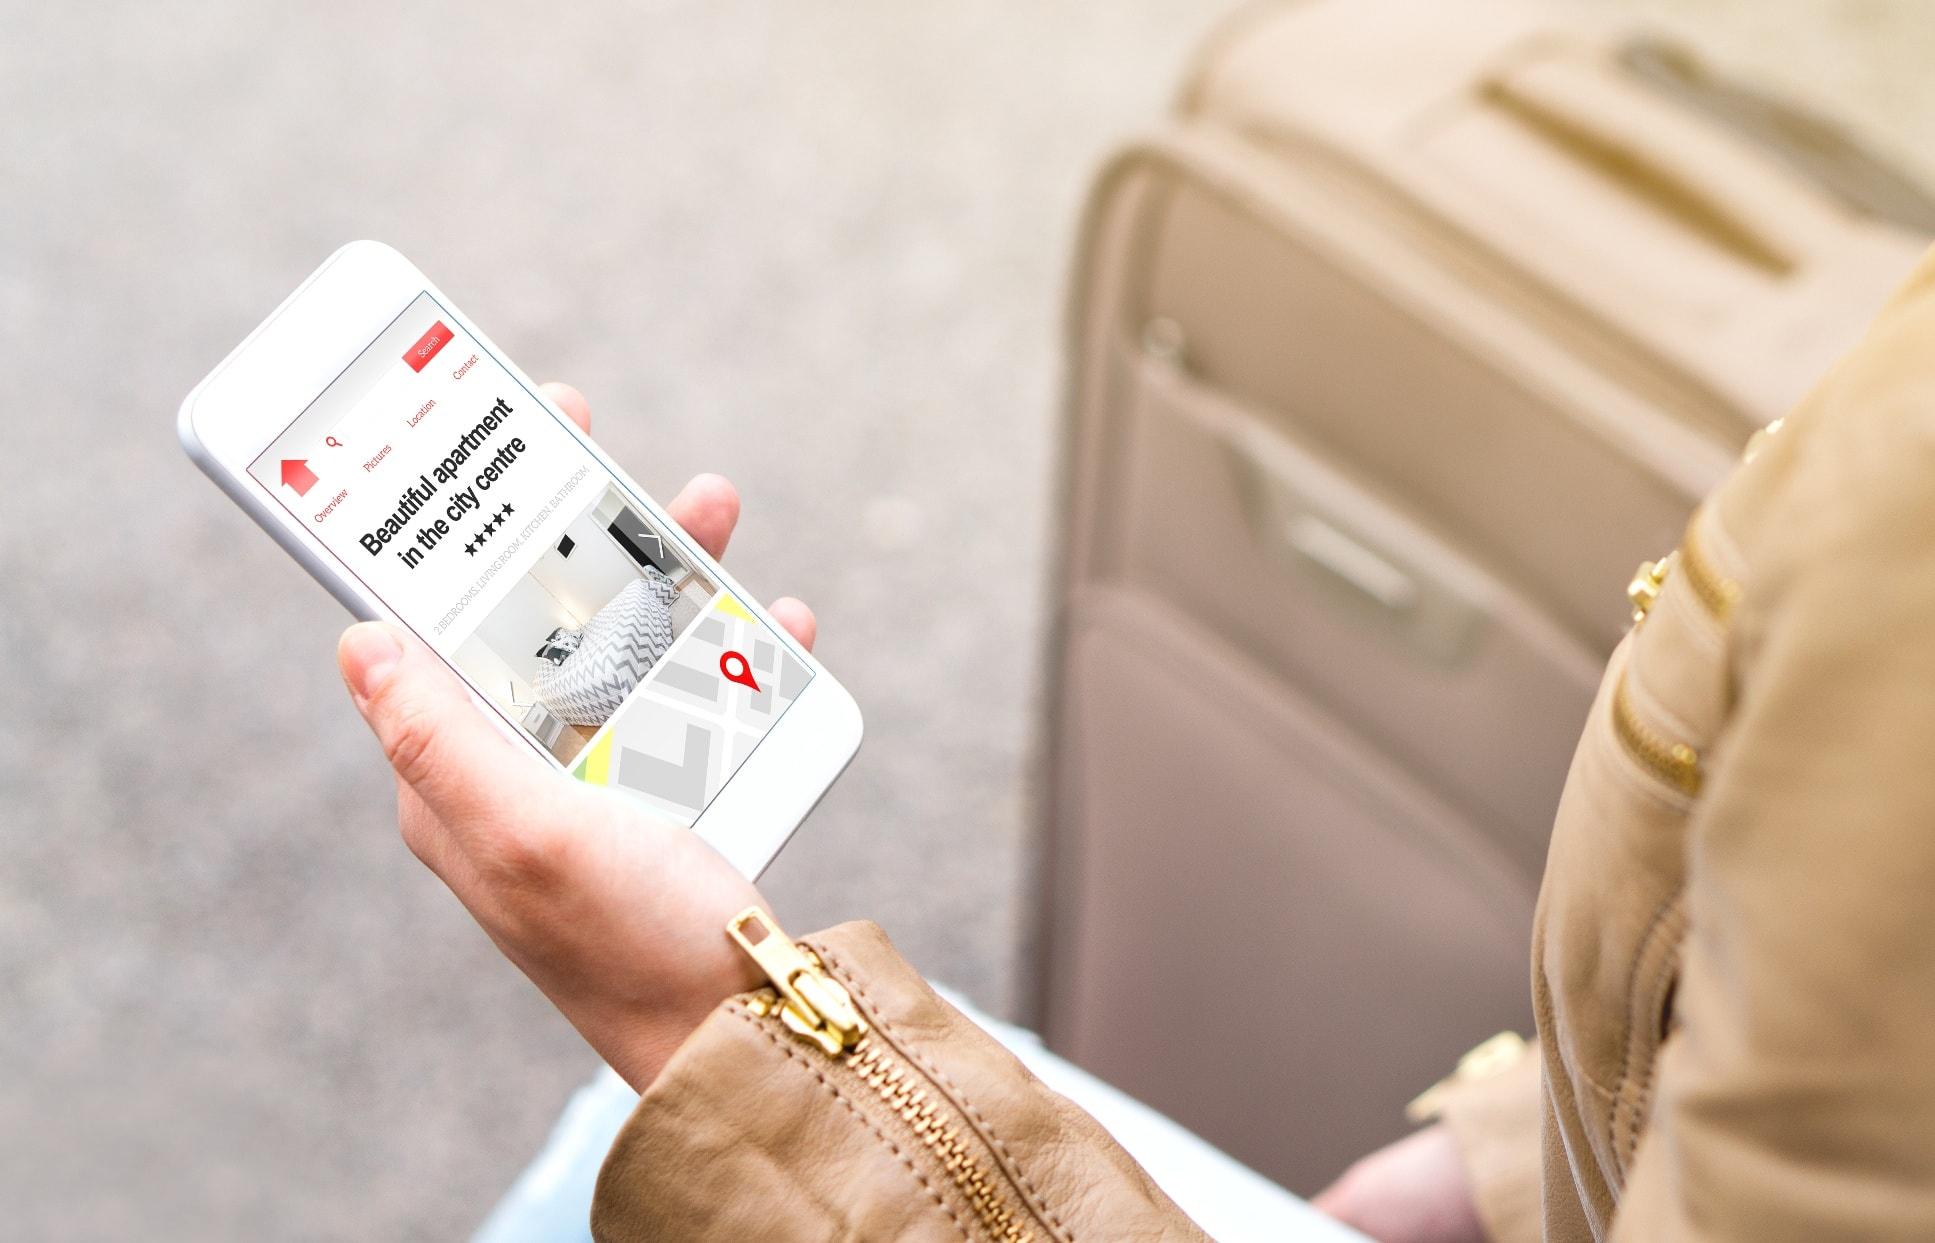 Touristin sucht Unterkunft mit Smartphone